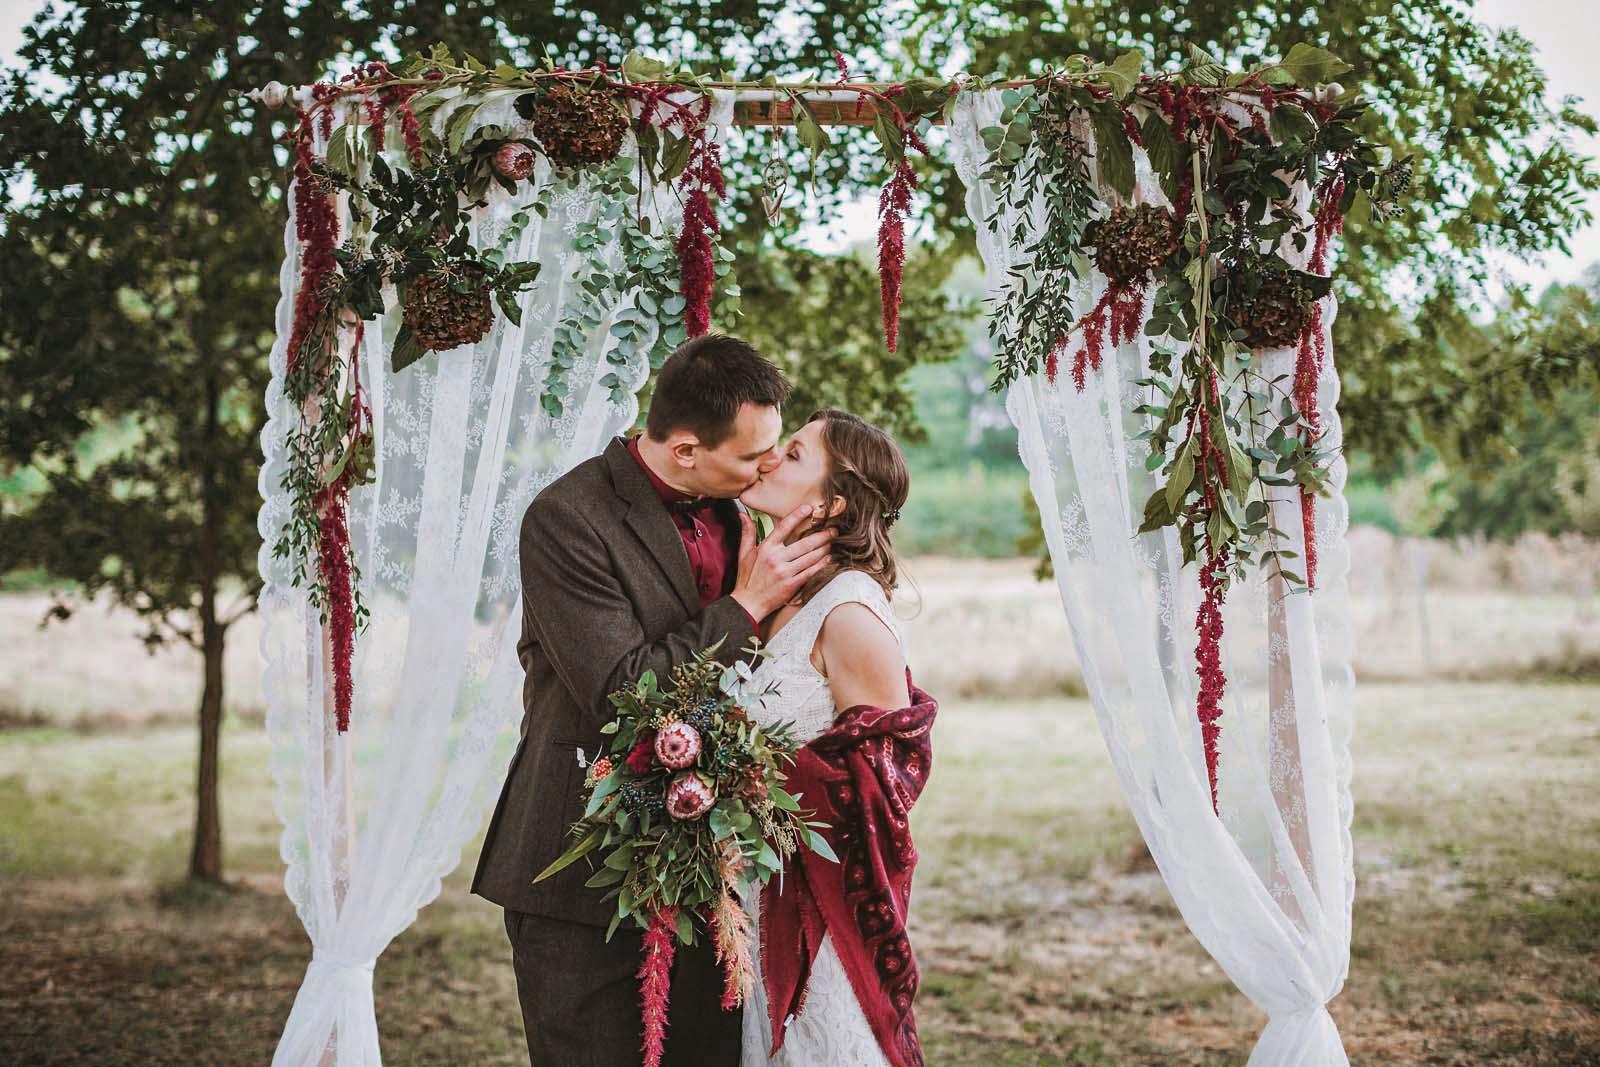 Hochzeitsfotograf einer Vintage Hochzeit Copyright by Hochzeitsfotograf www.berliner-hochzeitsfotografie.de